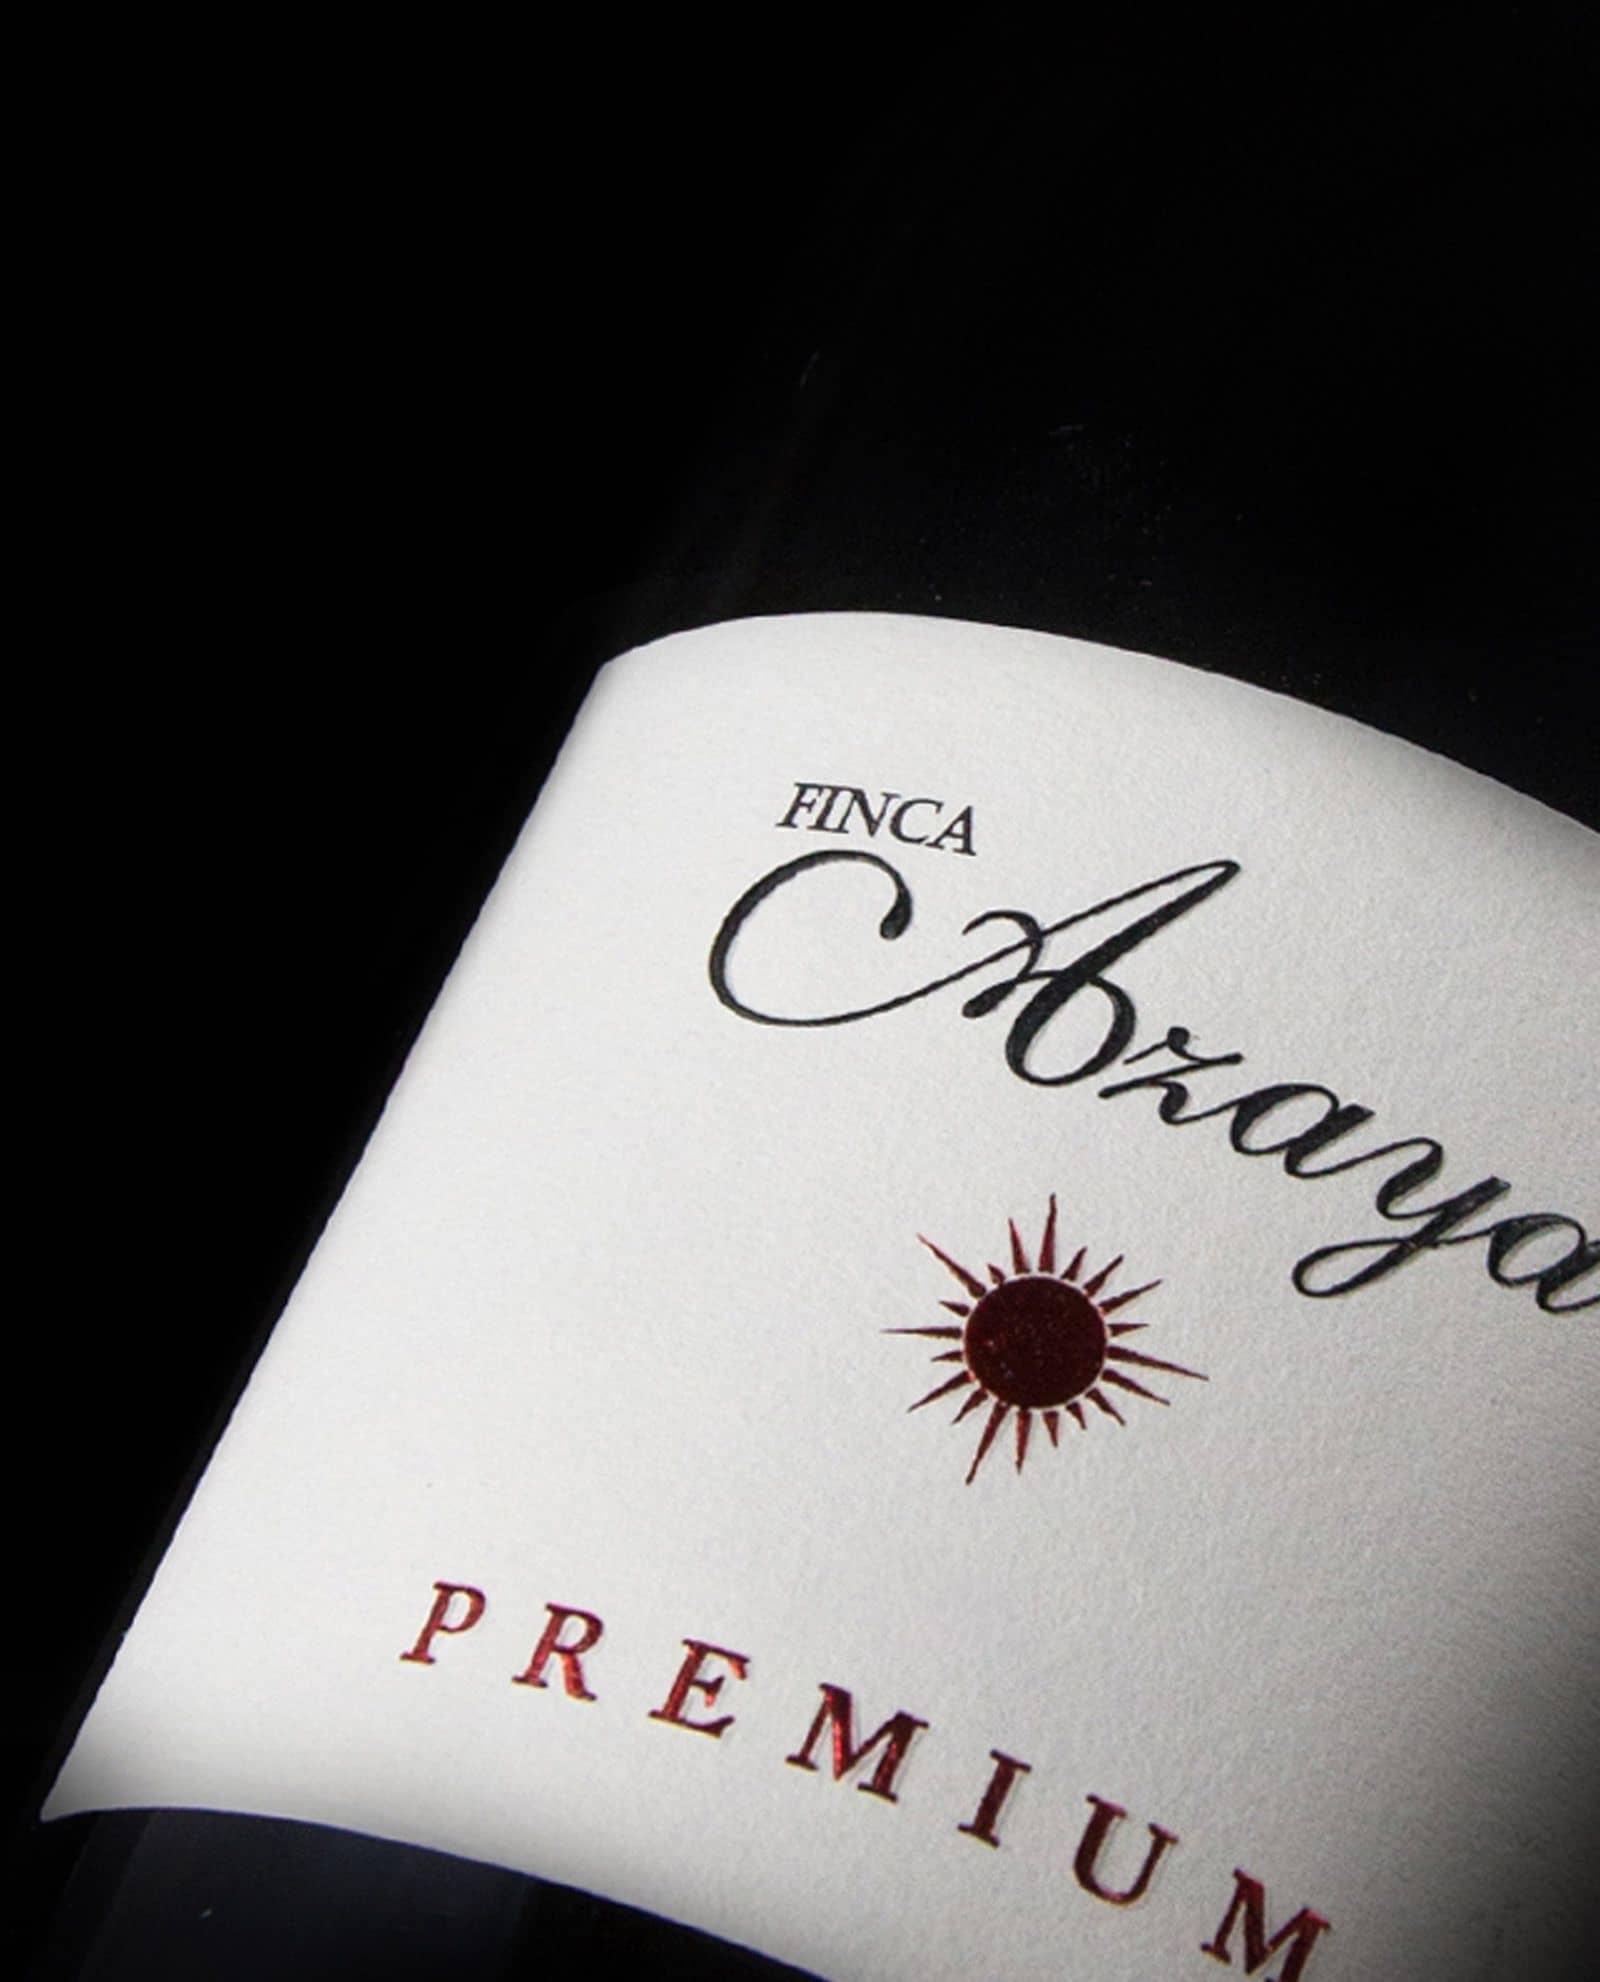 Detalle de la Botella de Finca Azaya, Bodegas Valduero